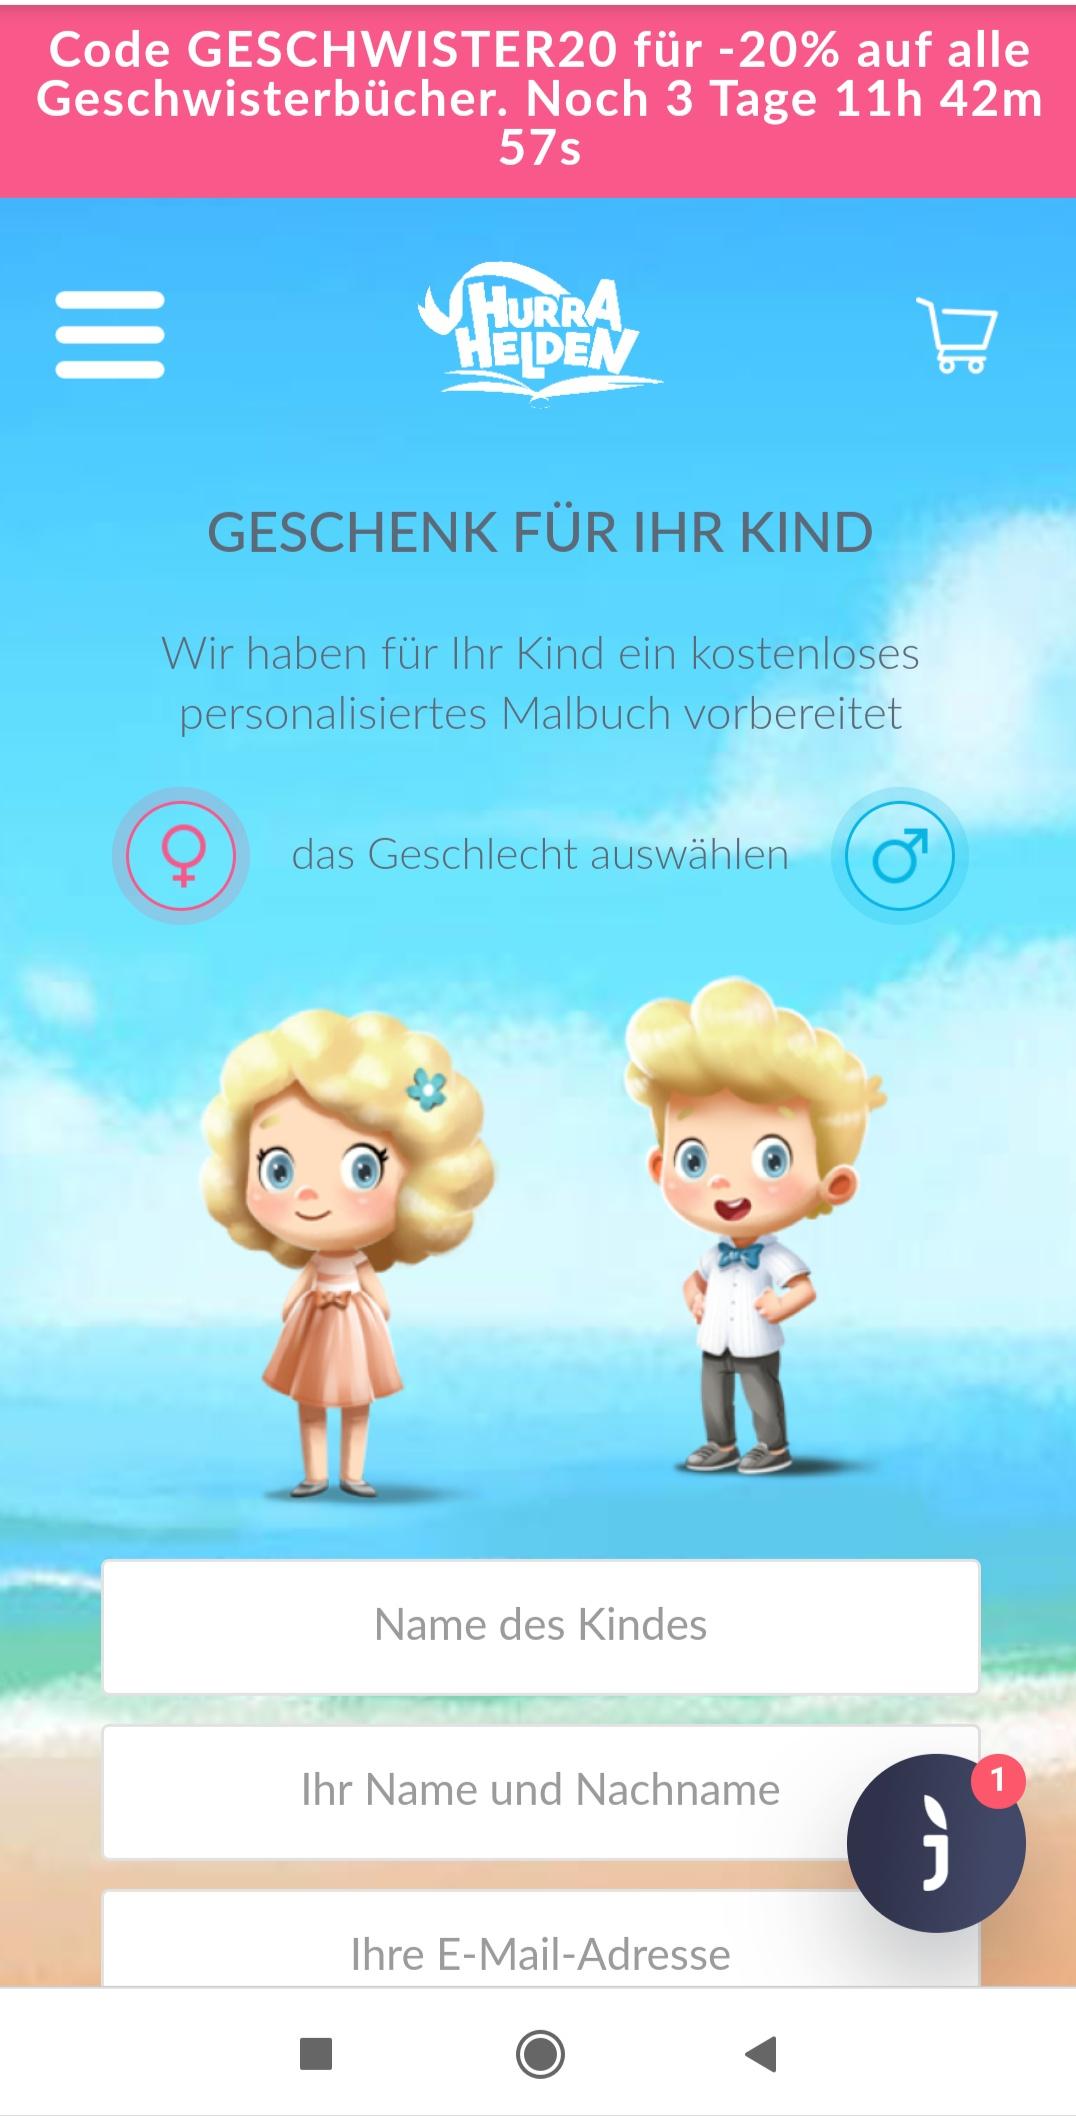 Hurra Helden: personalisiertes Malbuch als PDF kostenlos anfordern